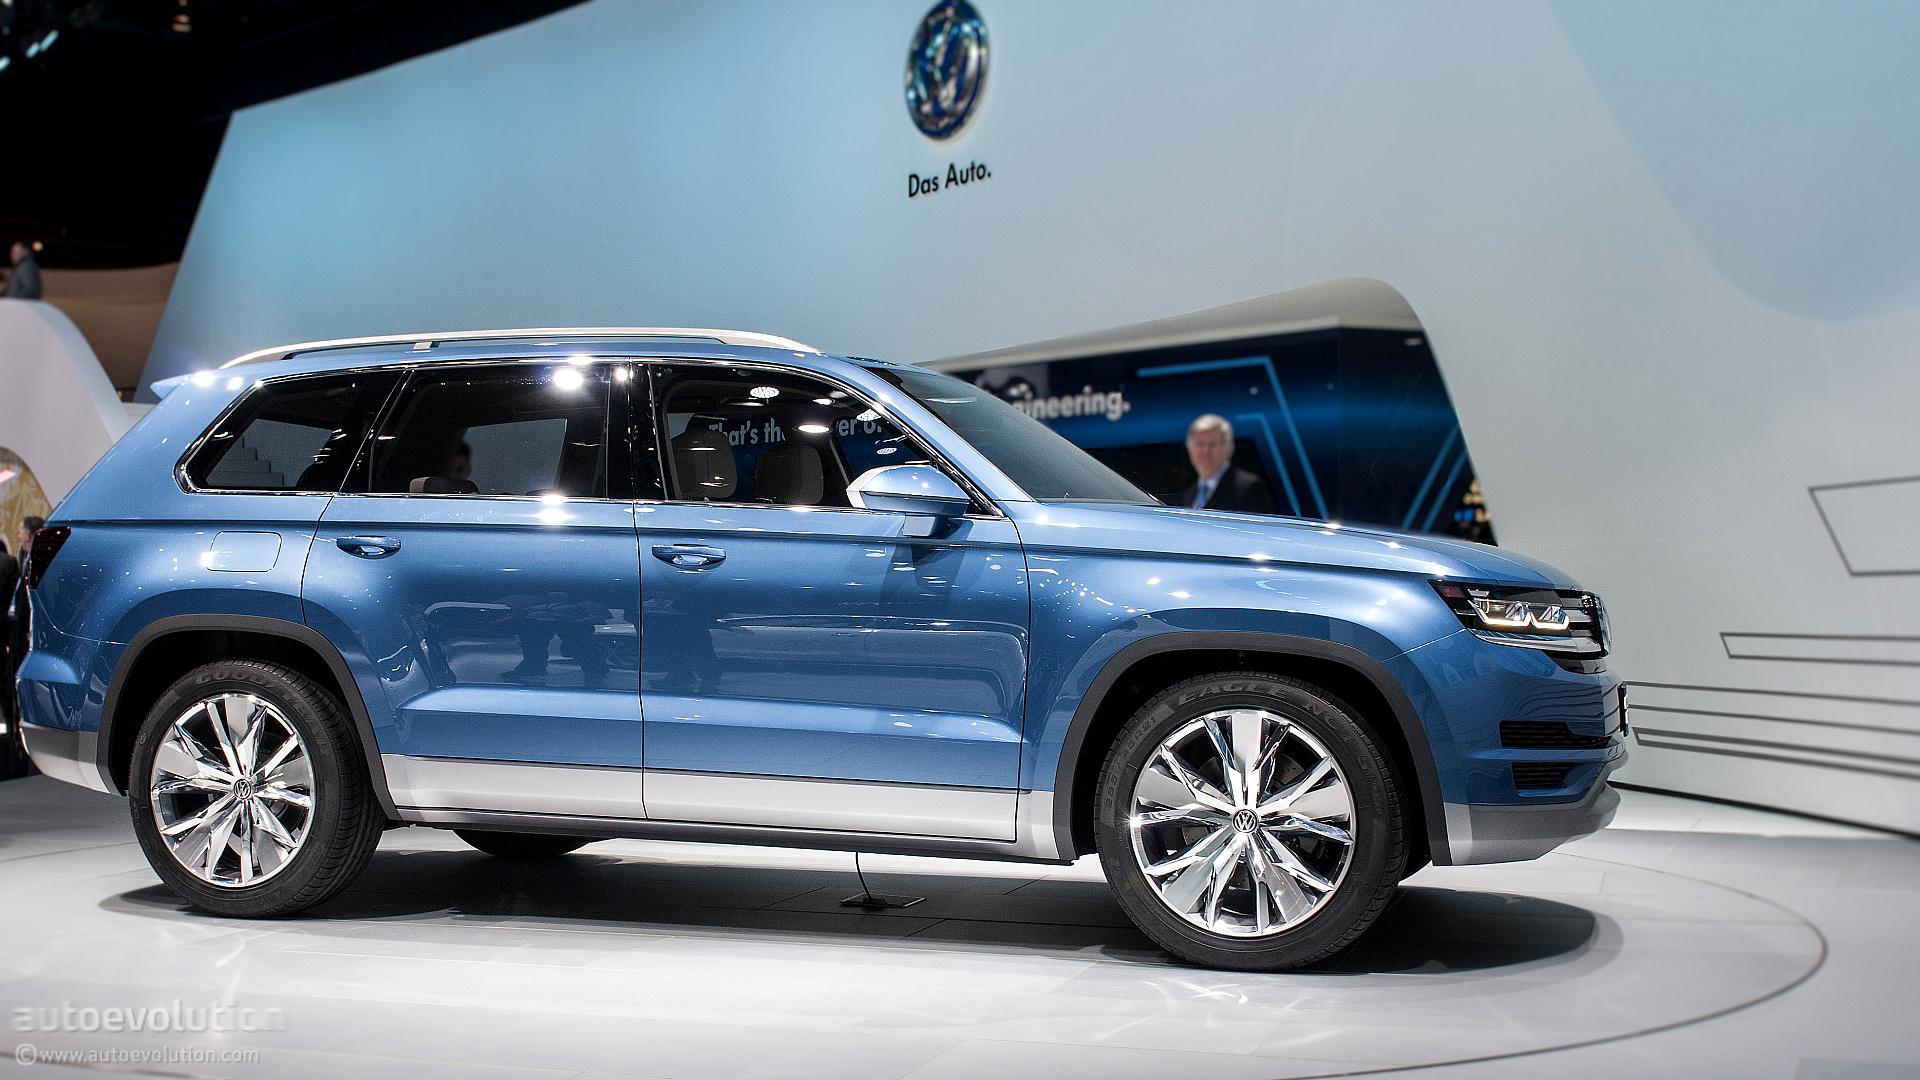 2017 - [Volkswagen] Atlas / Teramont - Page 5 2013-naias-volkswagen-crossblue-concept-live-photos_10